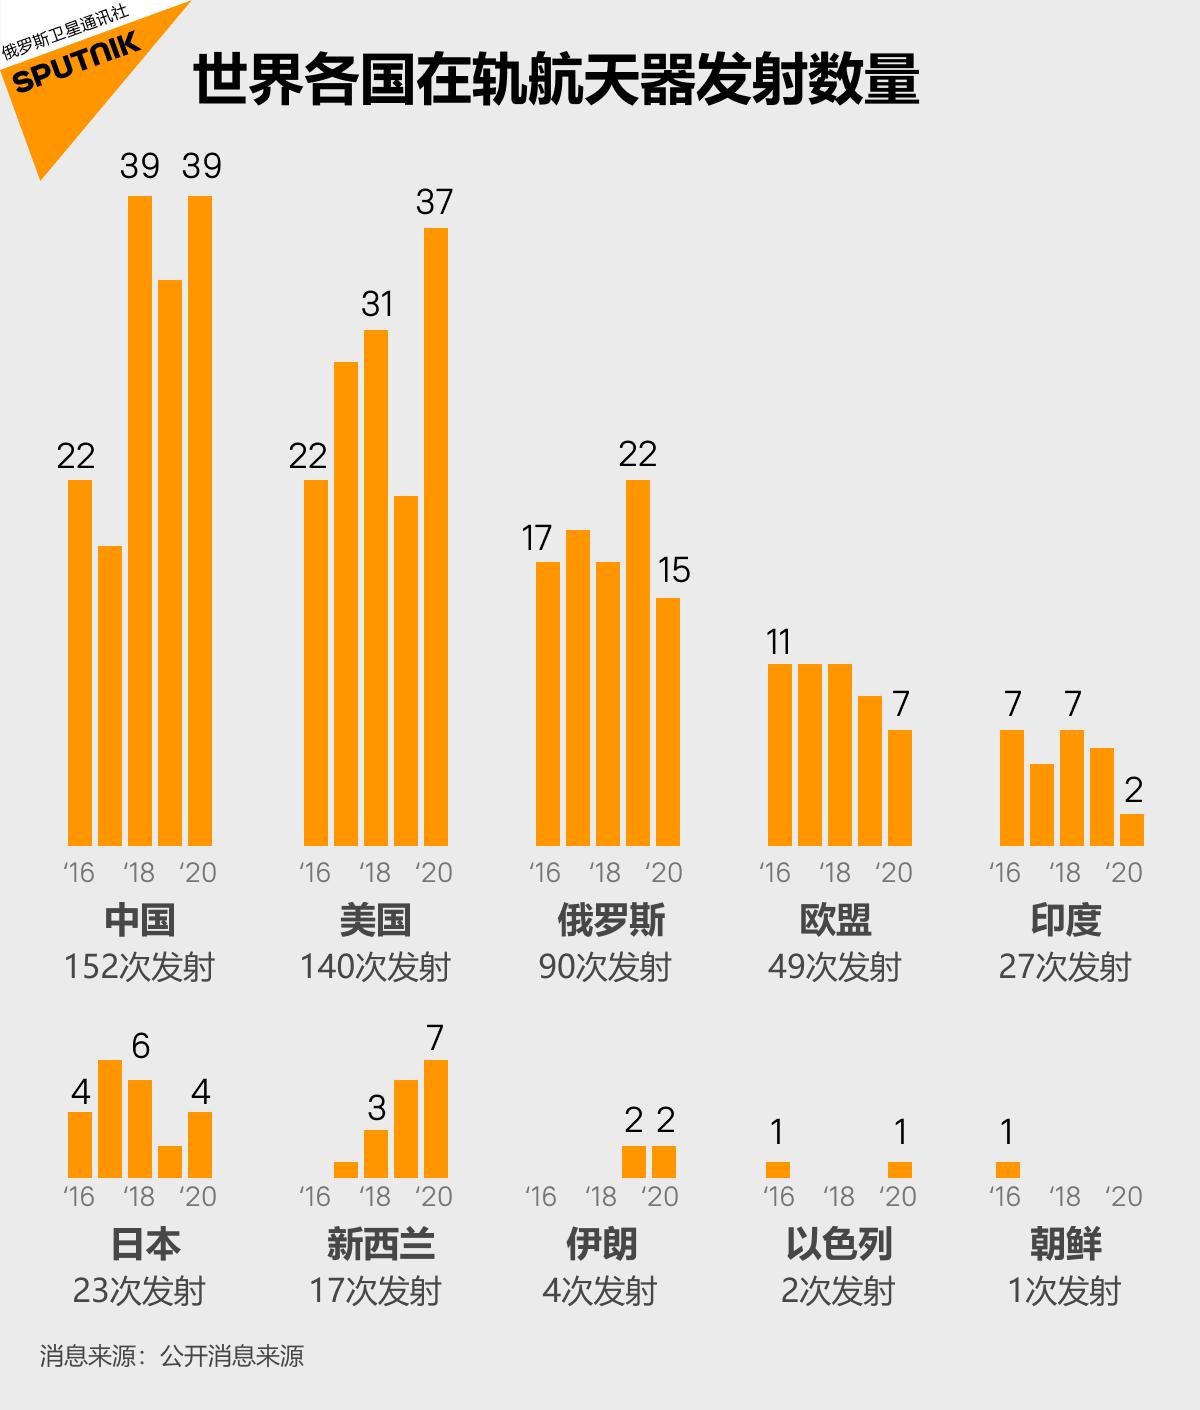 2016年-2020年火箭发射总量